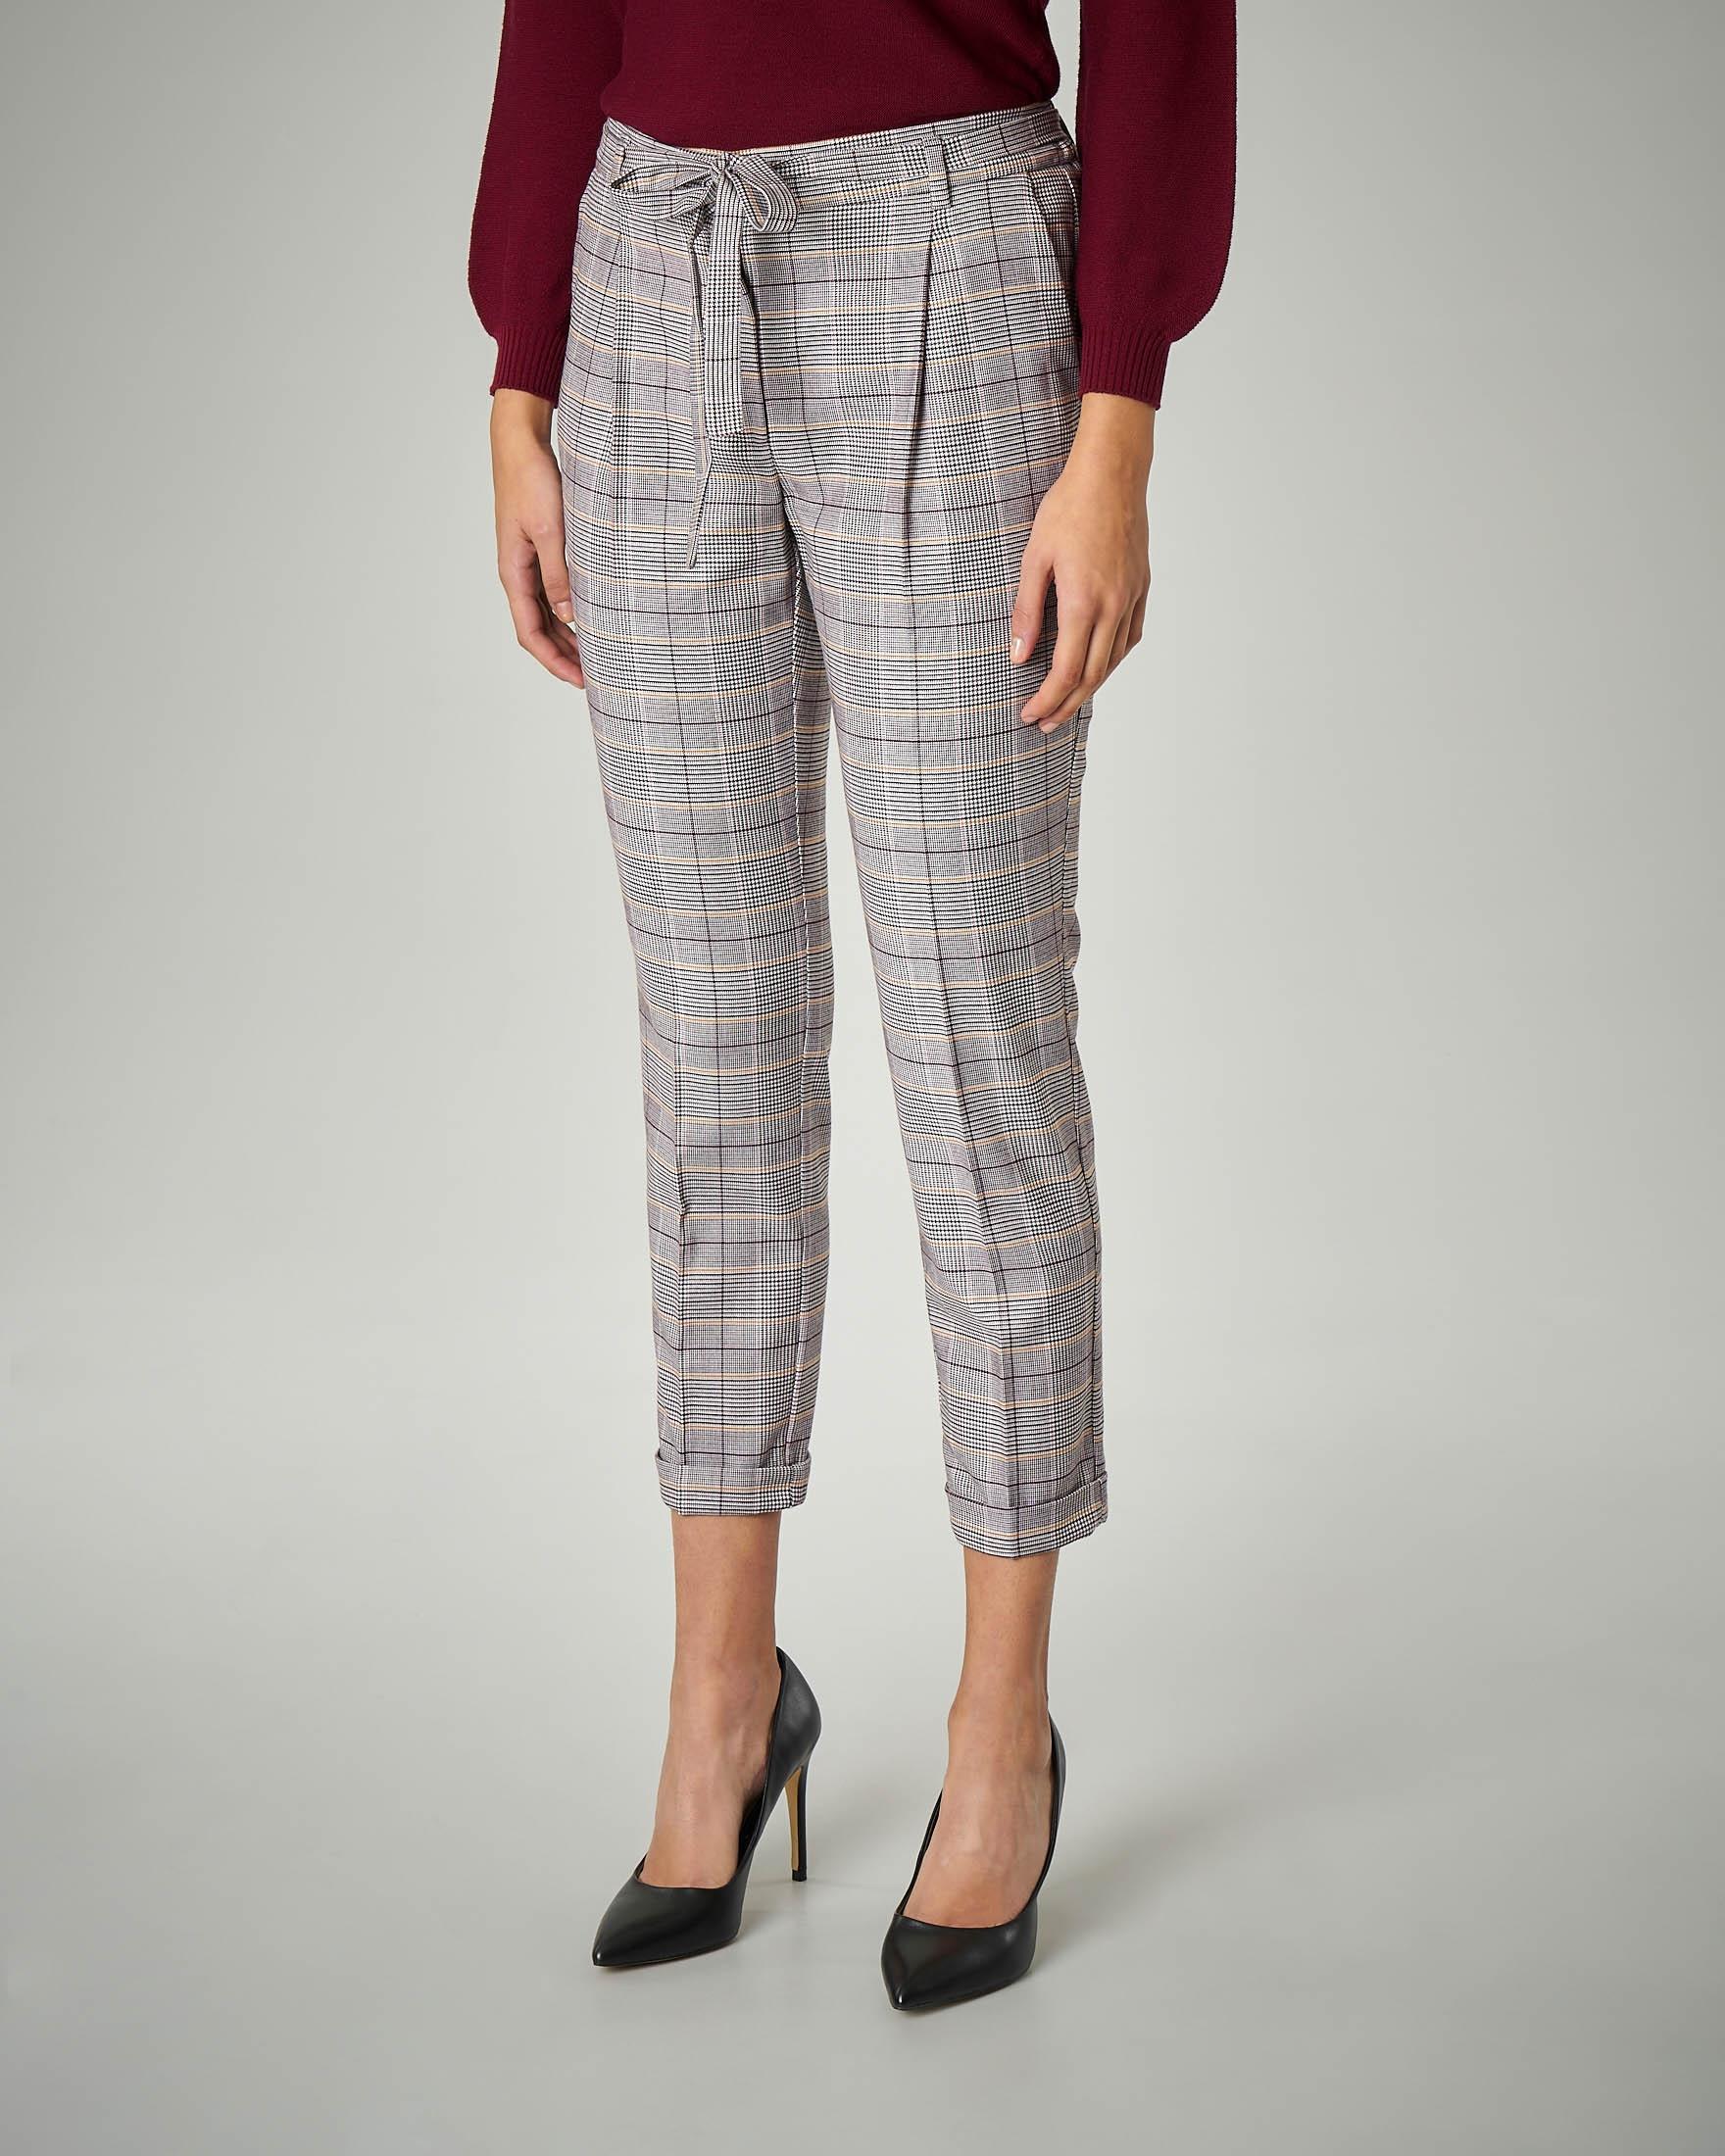 Pantalone con pince in Principe di Galles con inserti bordeaux